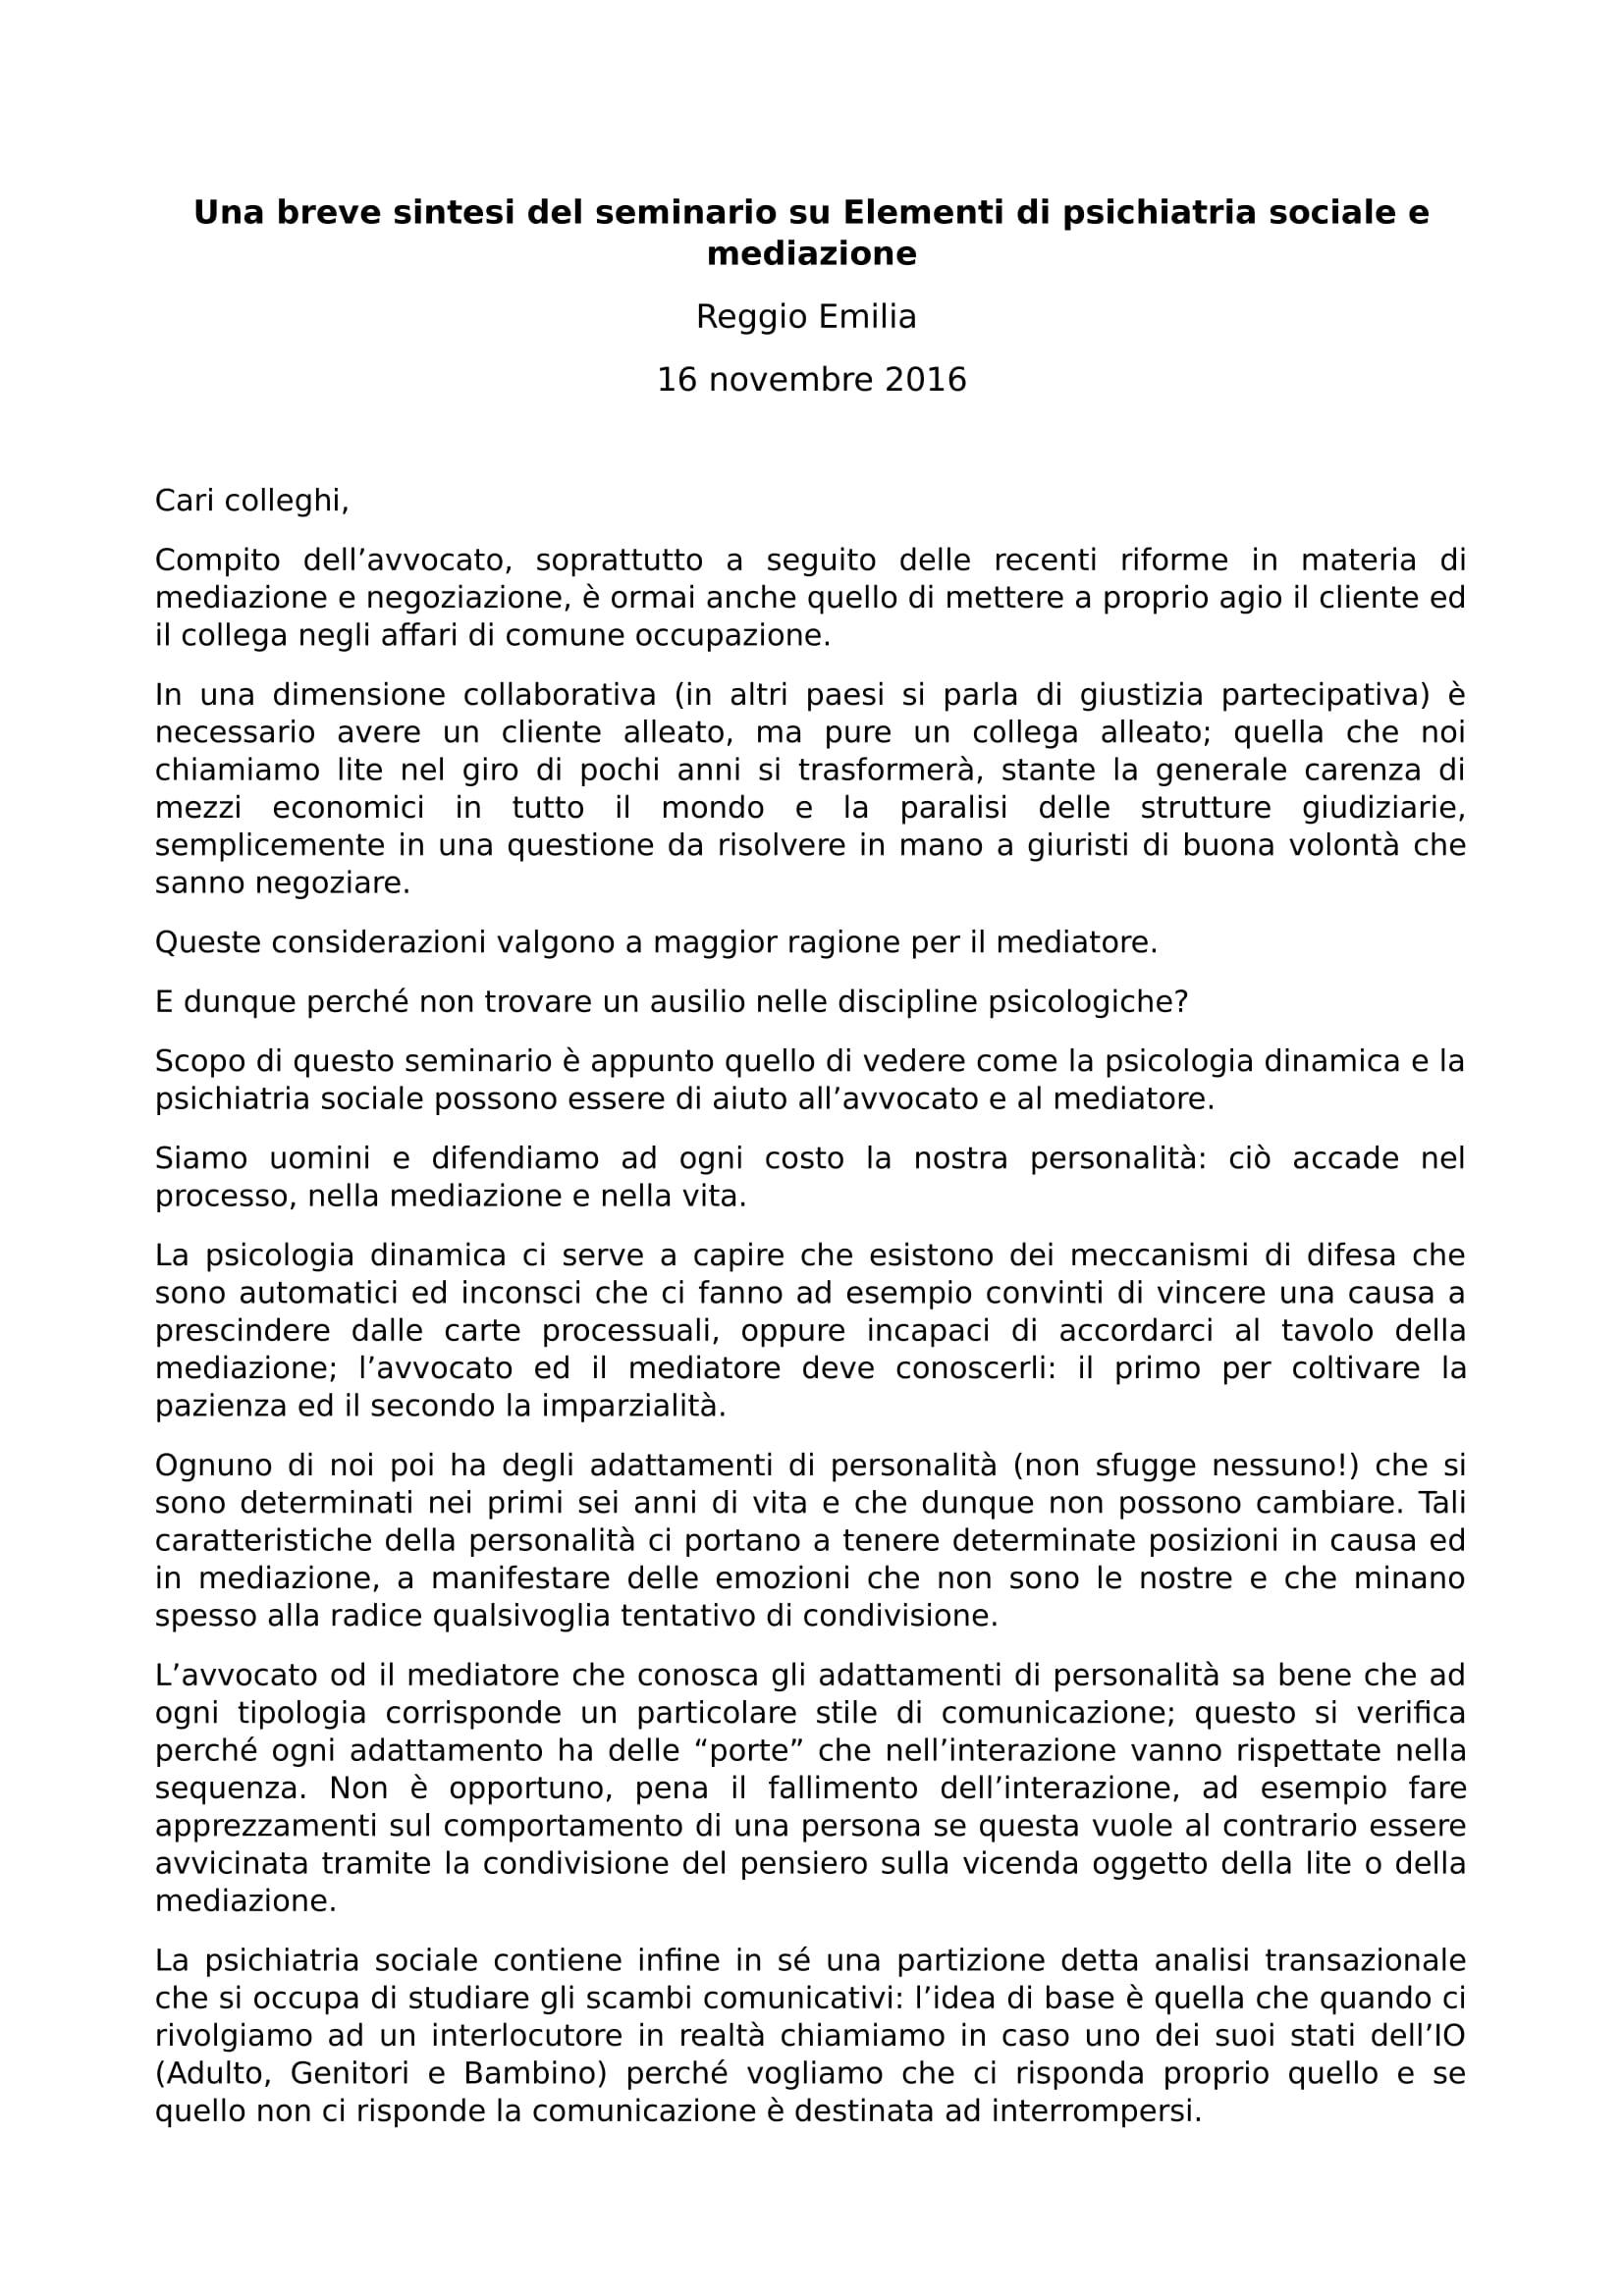 Mediazioni e discipline psicologiche un seminario a Reggio Emilia